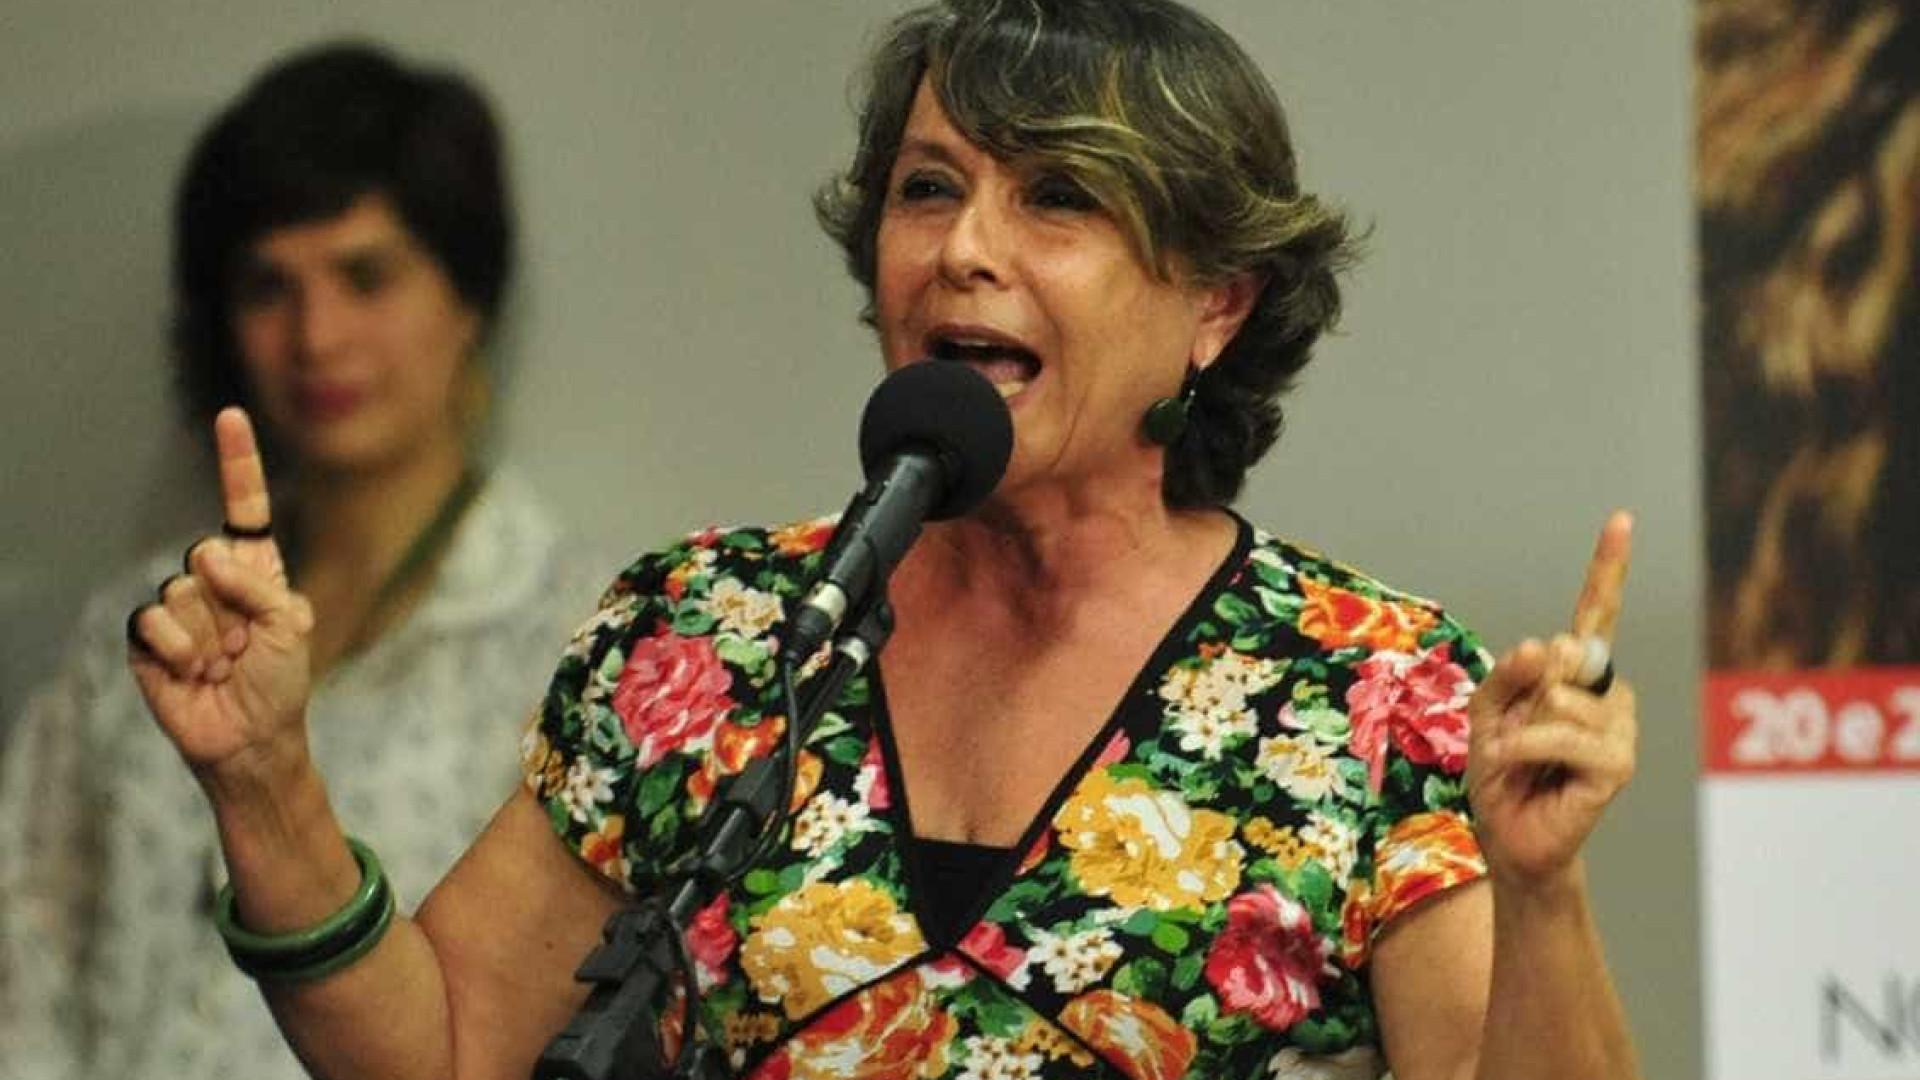 Janot denuncia deputada petista ao STF por lavagem de dinheiro